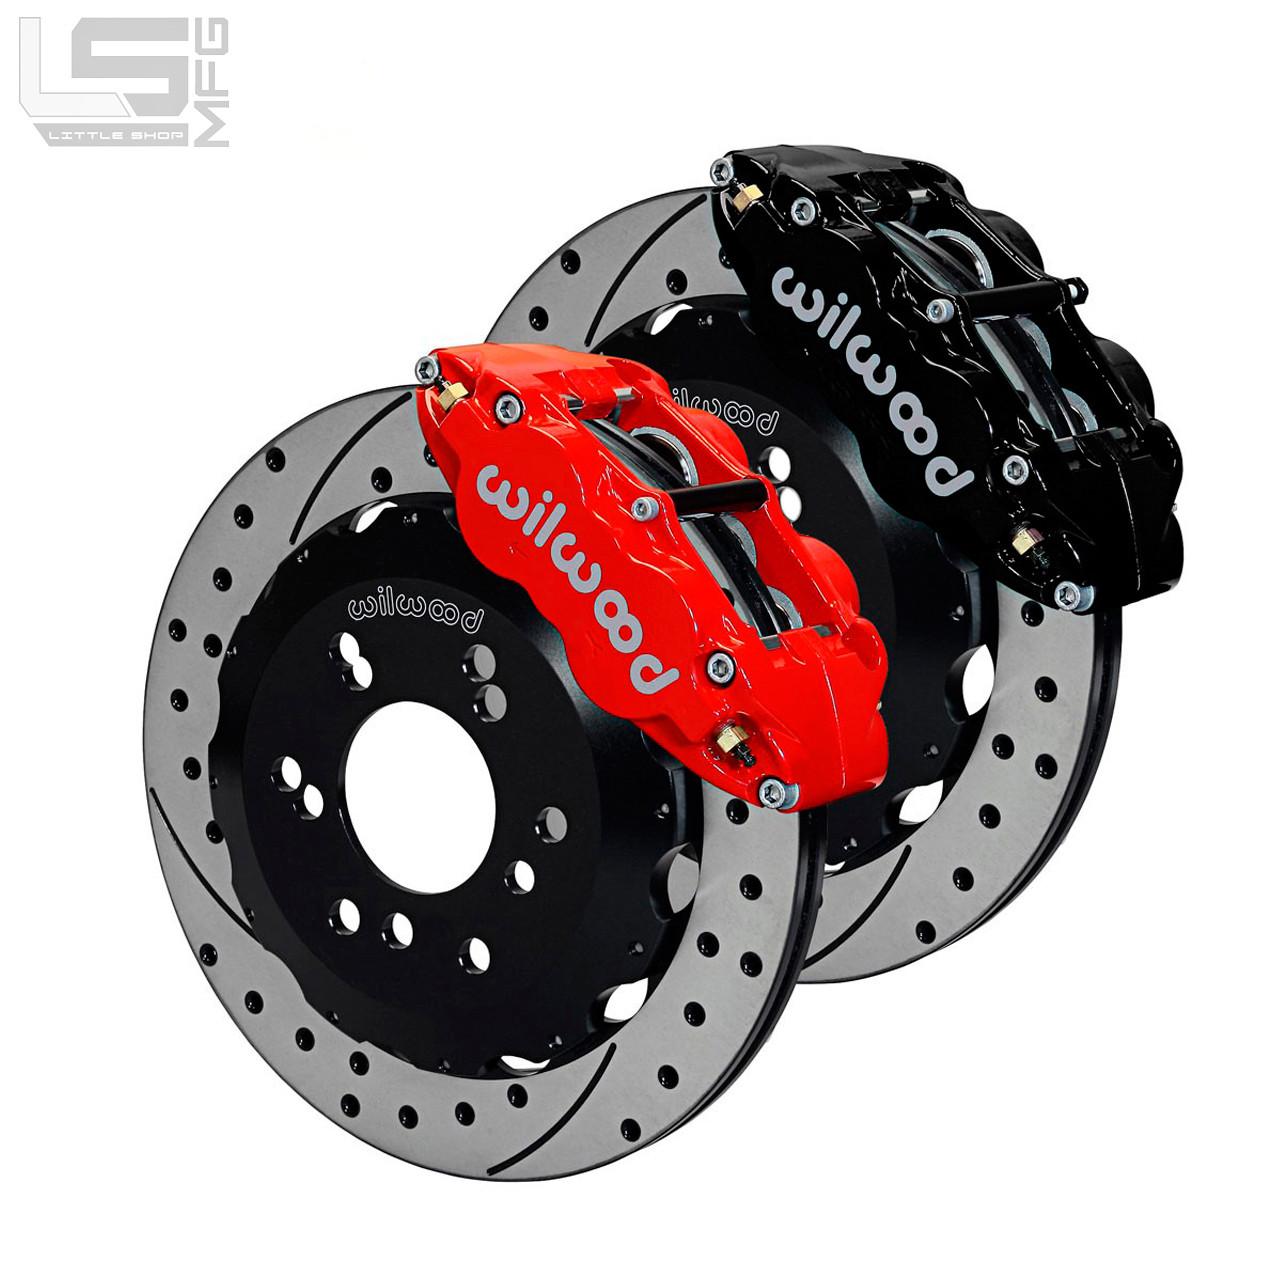 gm 88 00 6 lug k1500 14 front big brake kit little shop mfg